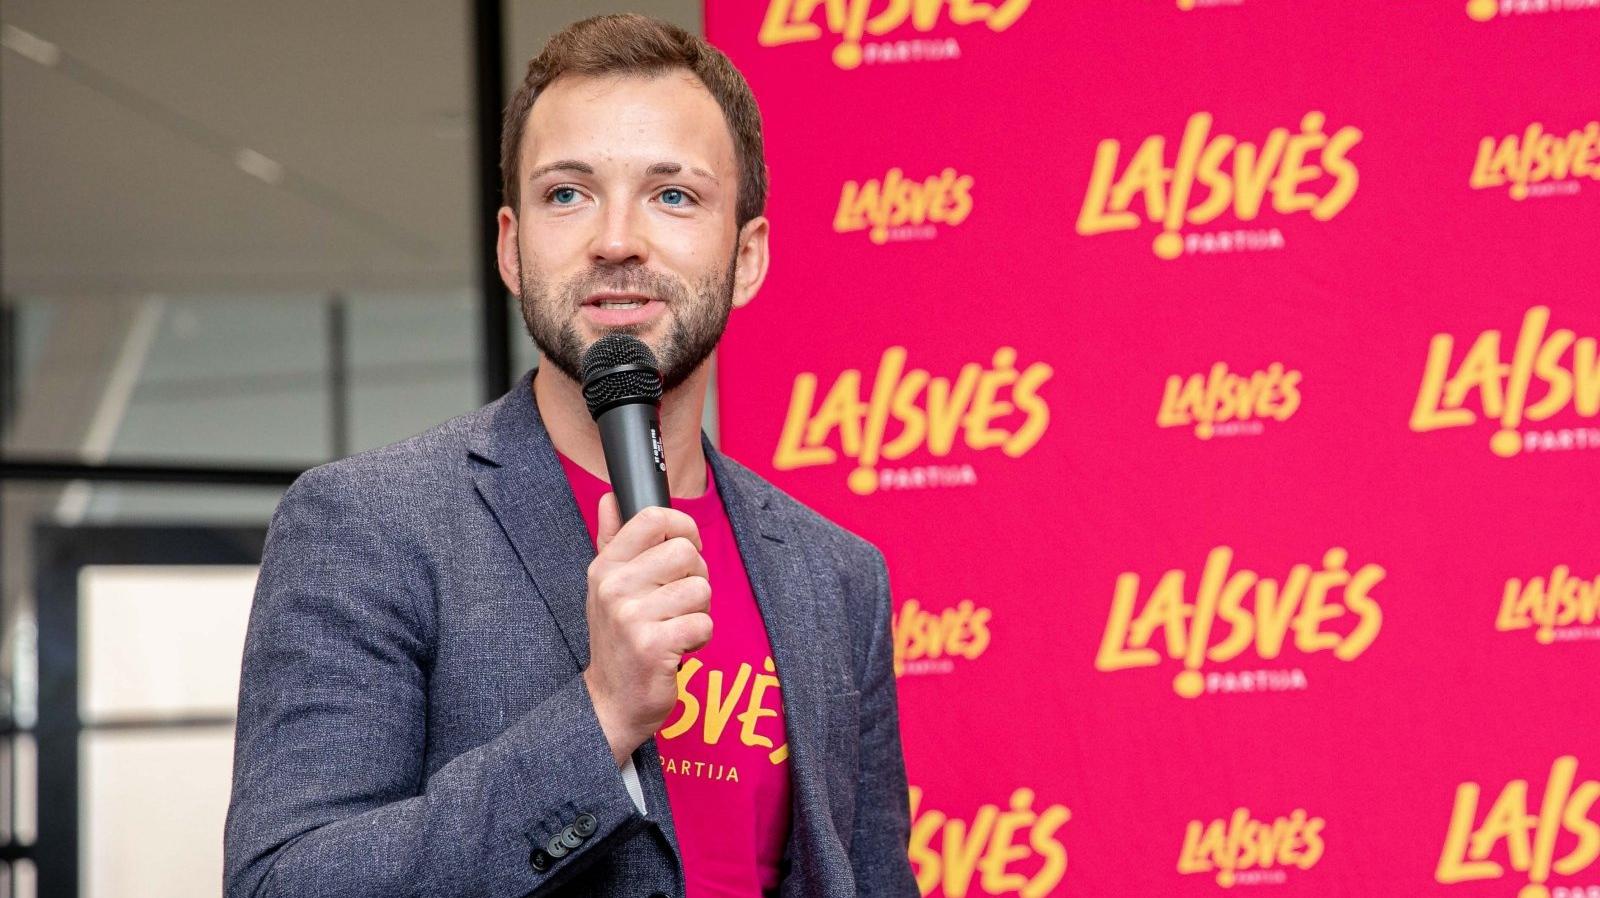 Кандидатом в парламент Литвы выдвинулся ЛГБТ-активист